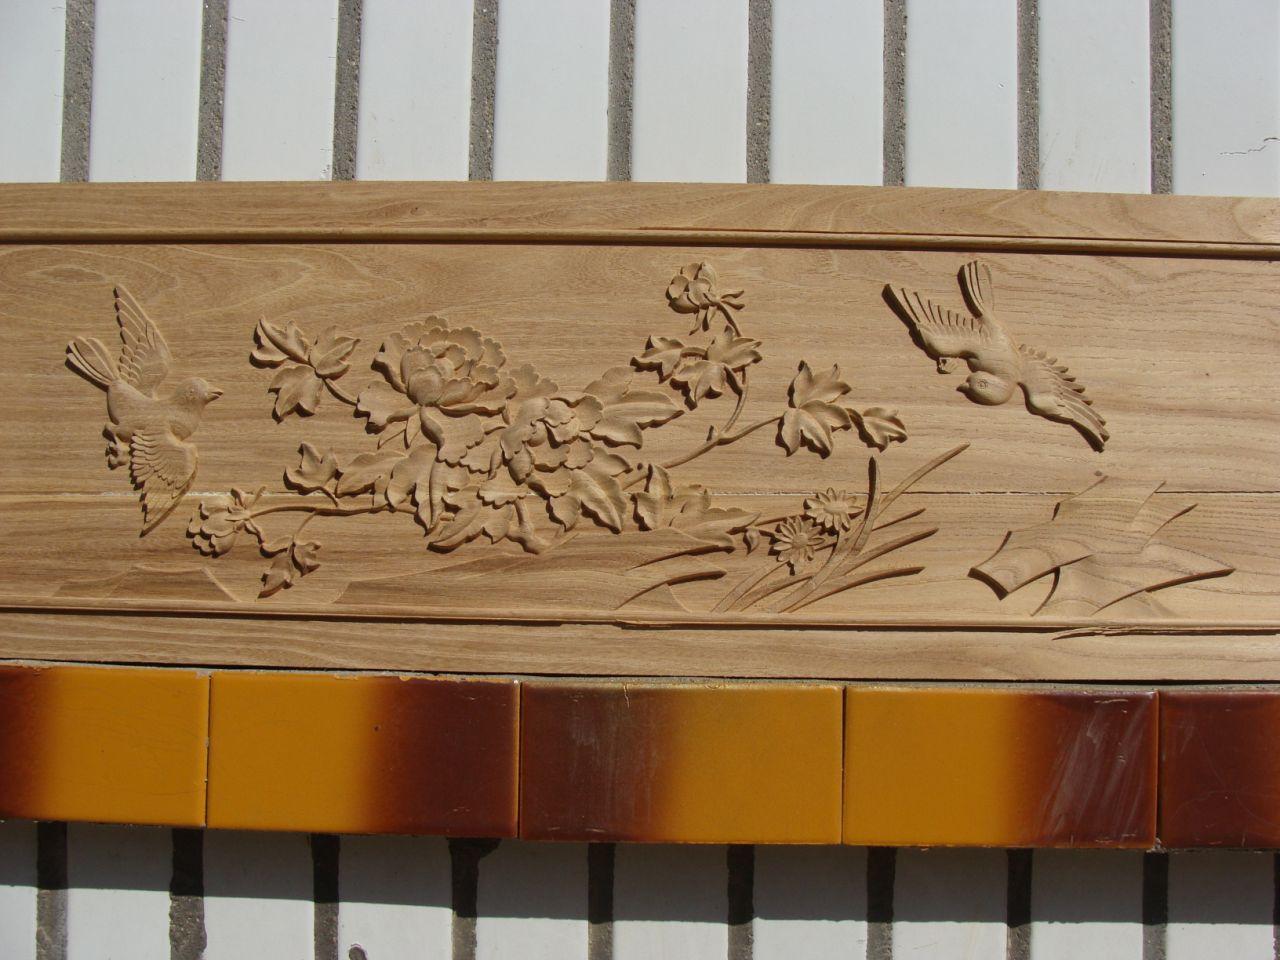 三维浮雕镂空隔断广告雕刻木雕牌匾